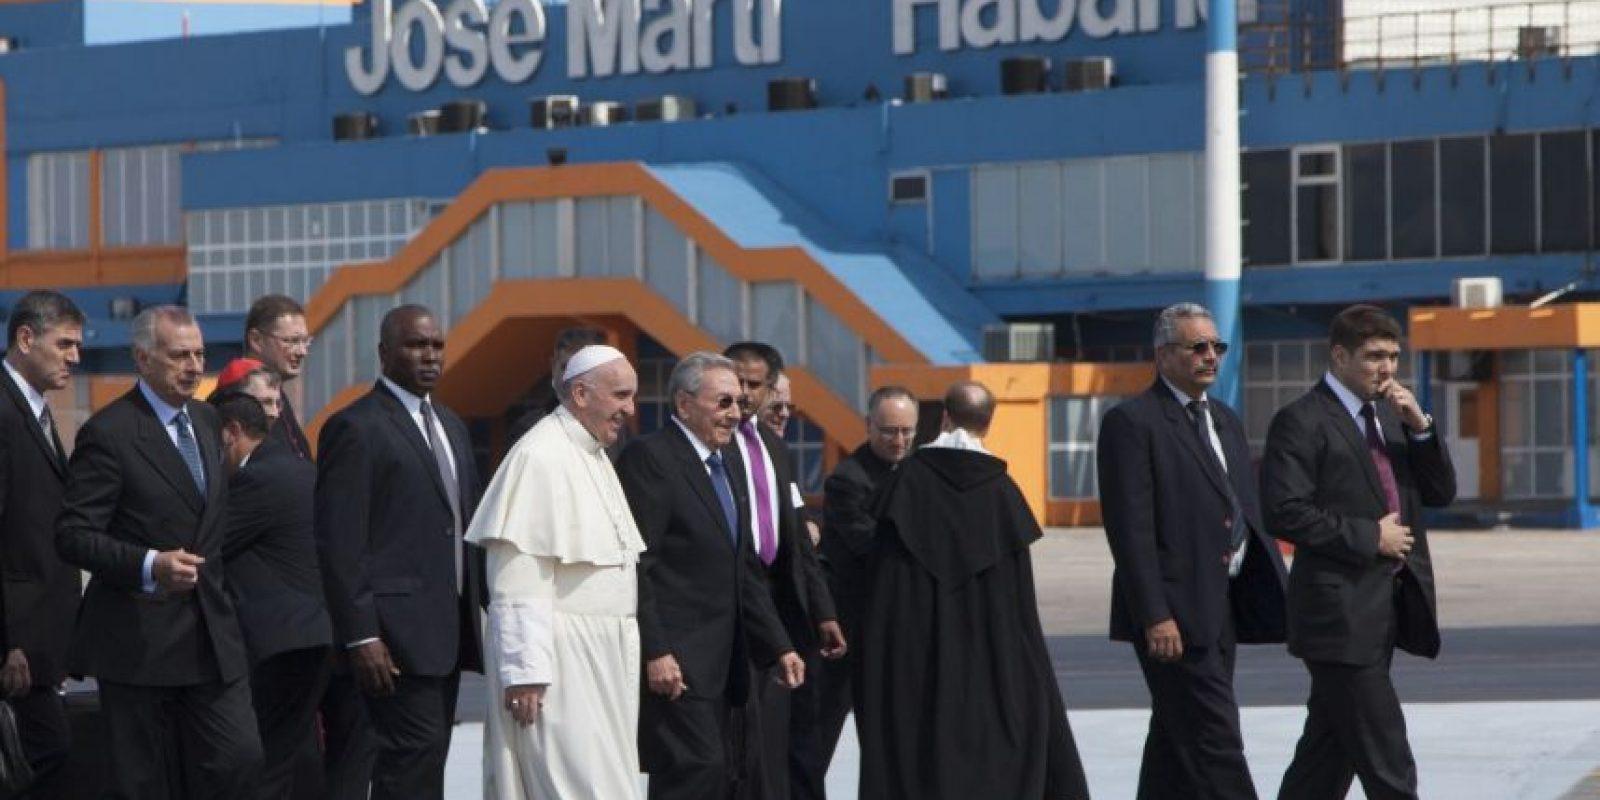 El avión papal, procedente de Roma, aterrizó en la capital cubana poco después de las 14:00 horas locales, tras un vuelo de 12 horas y 15 minutos que partió con 40 minutos de retraso. Foto:AP